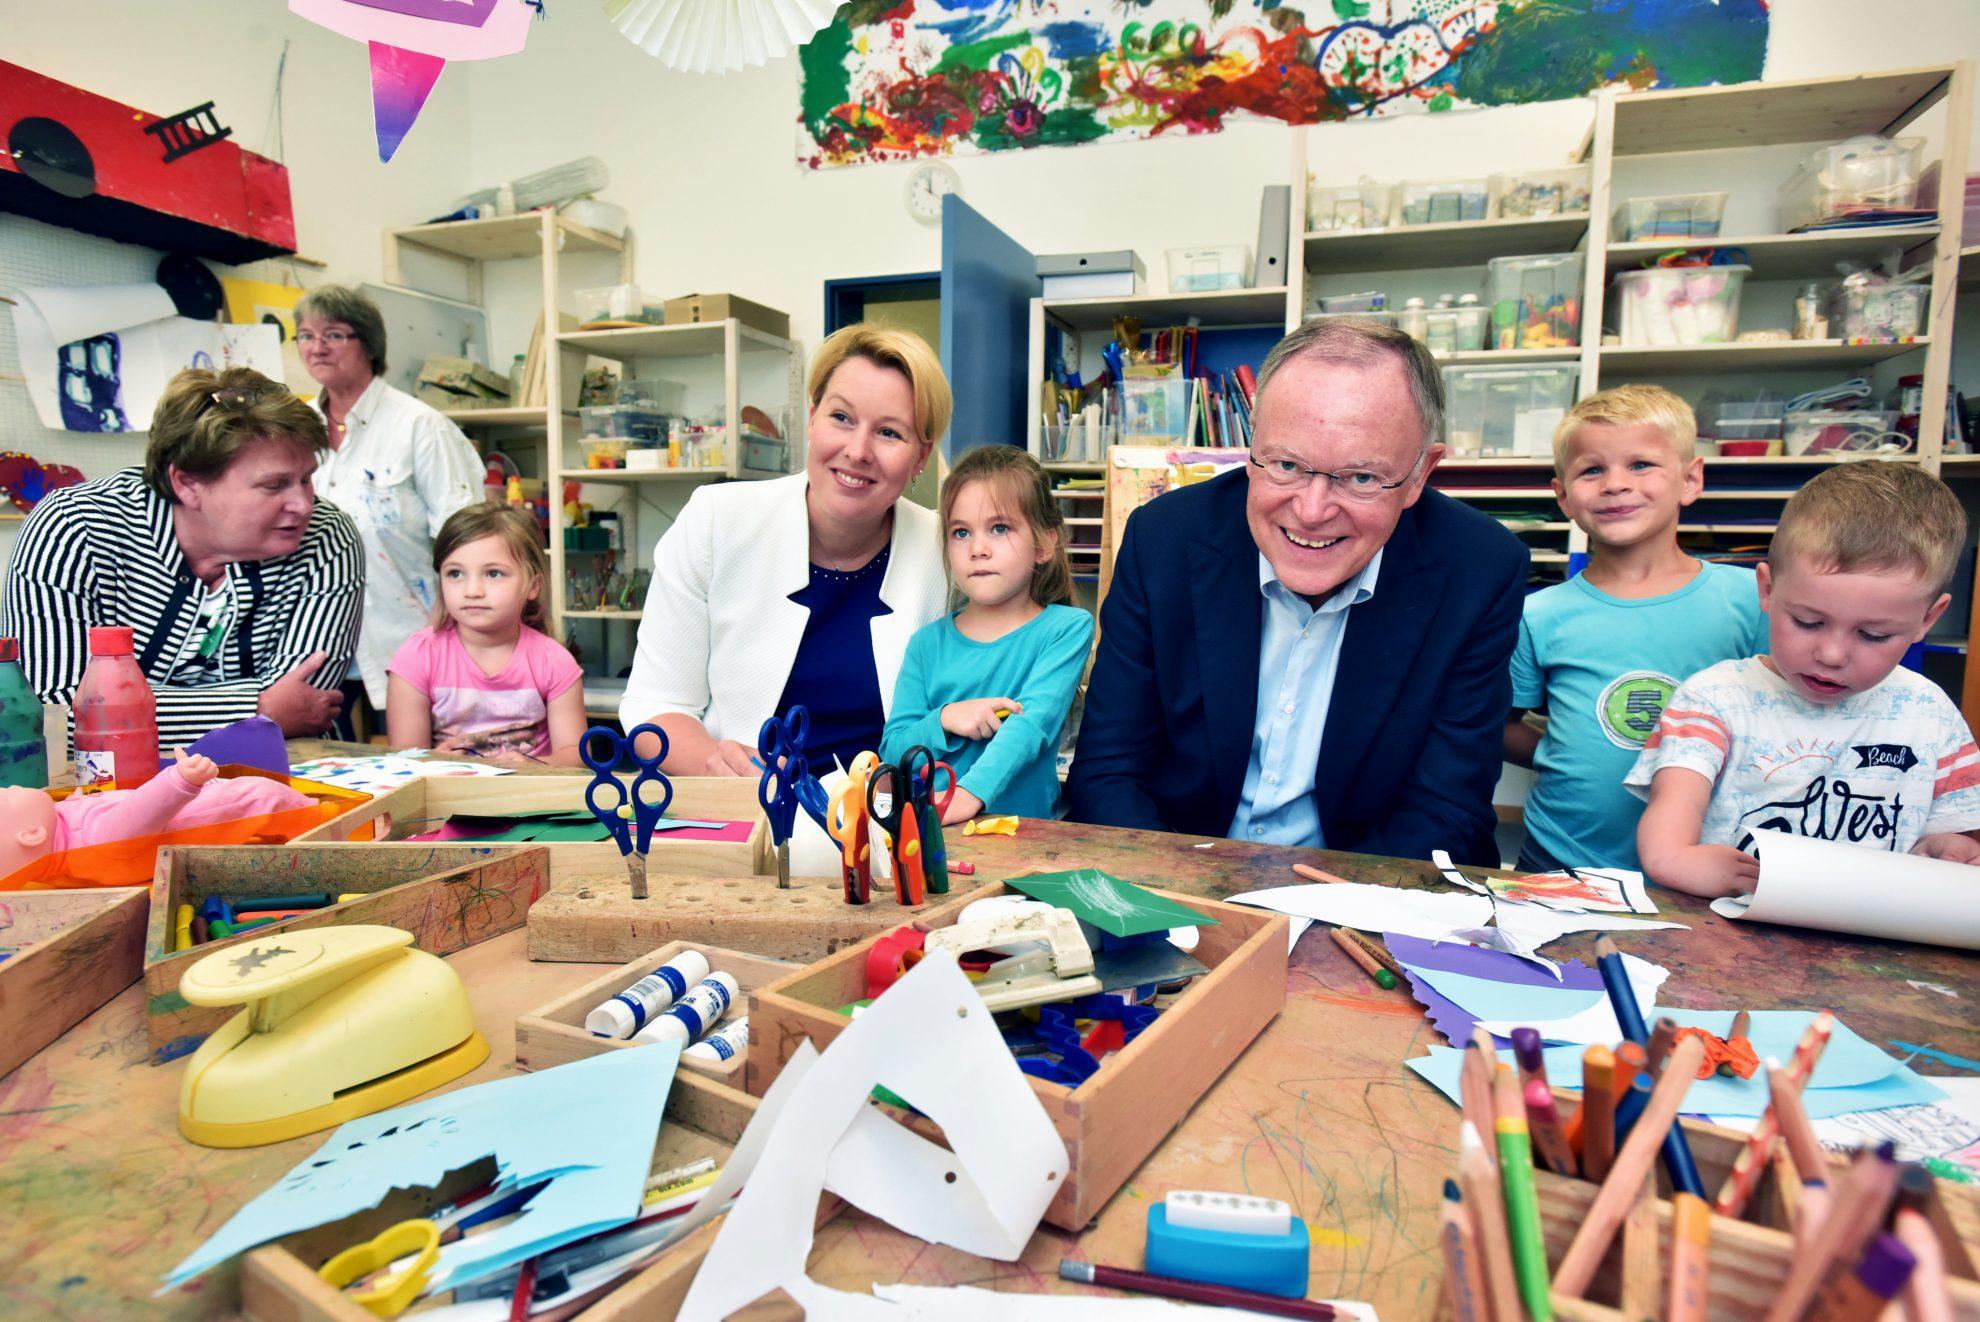 Ministerpräsident Stephan Weil und Bundesfamilienministerin Franziska Giffey besuchen eine Kita.